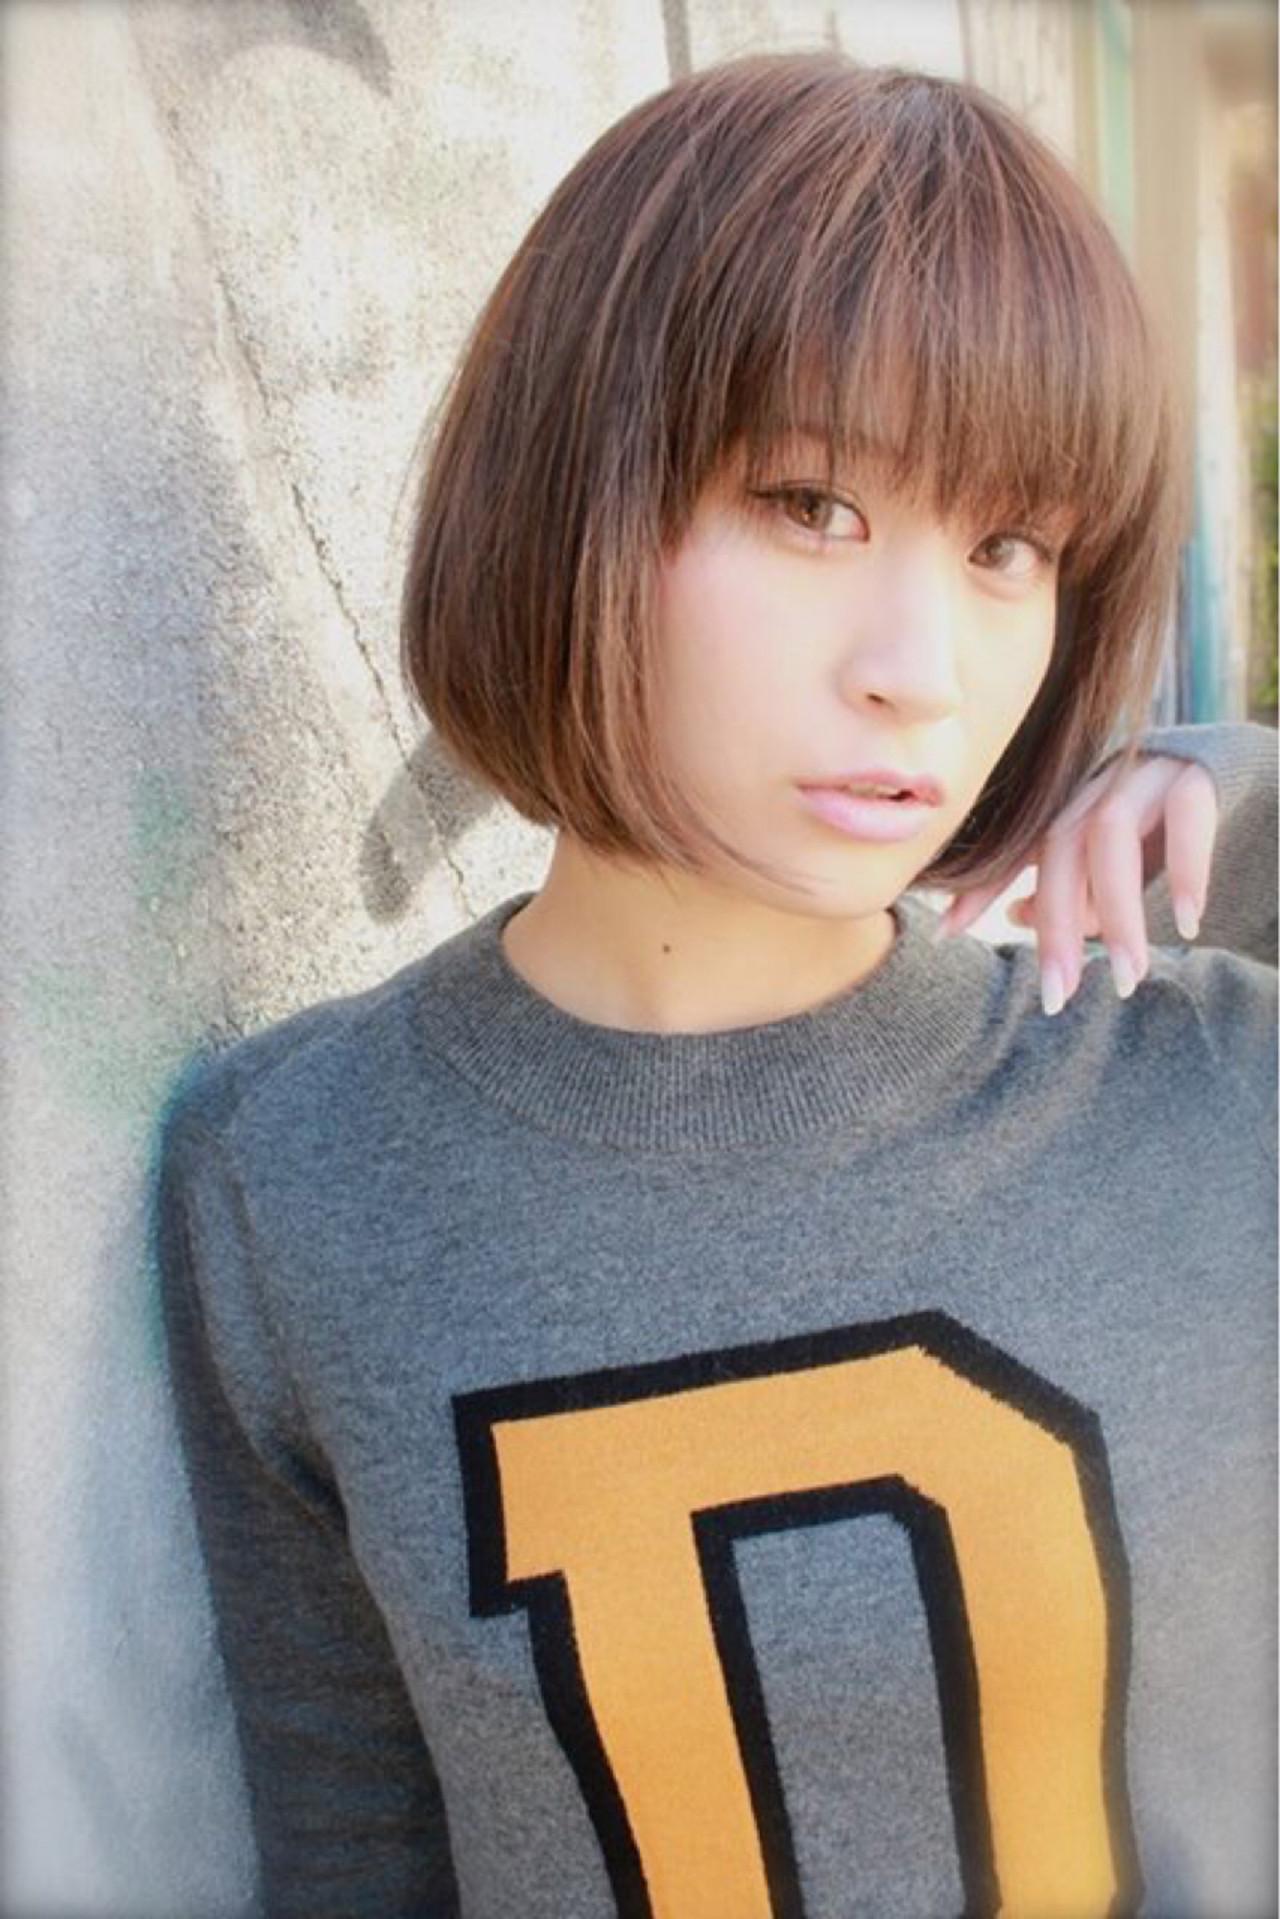 暗髪 グラデーションカラー ボブ 外国人風 ヘアスタイルや髪型の写真・画像 | bibito crew / bibito